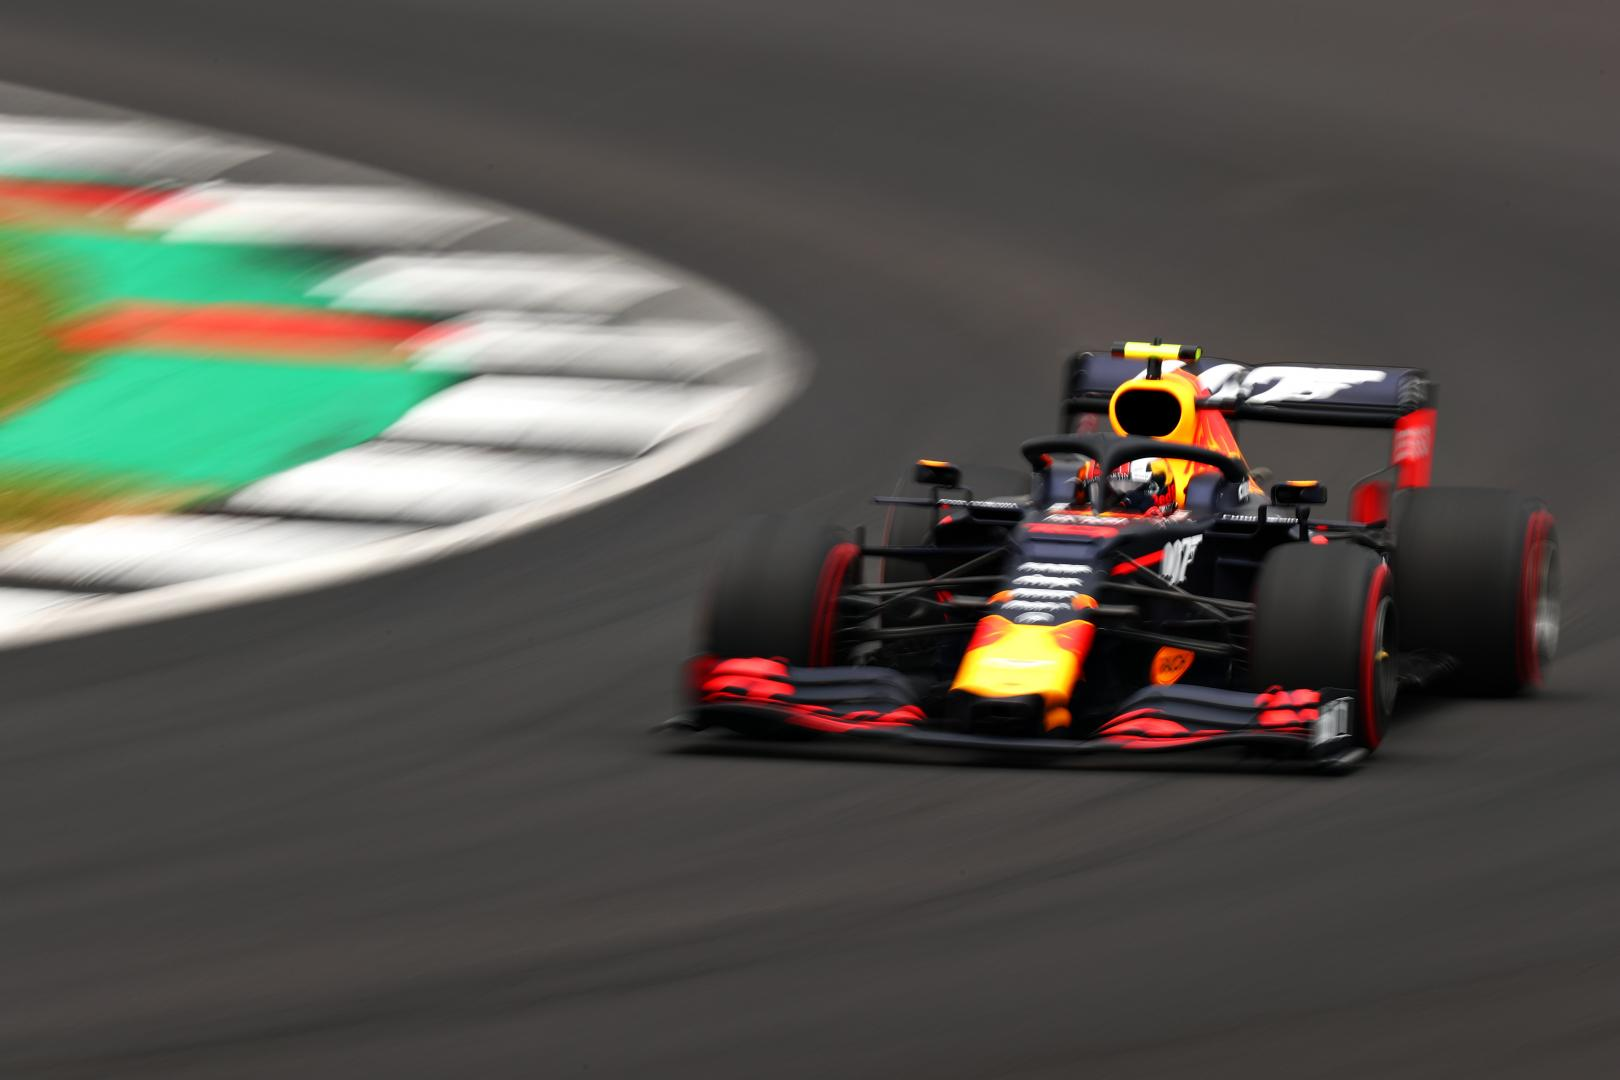 Uitslag van de GP van Groot-Brittannië 2019